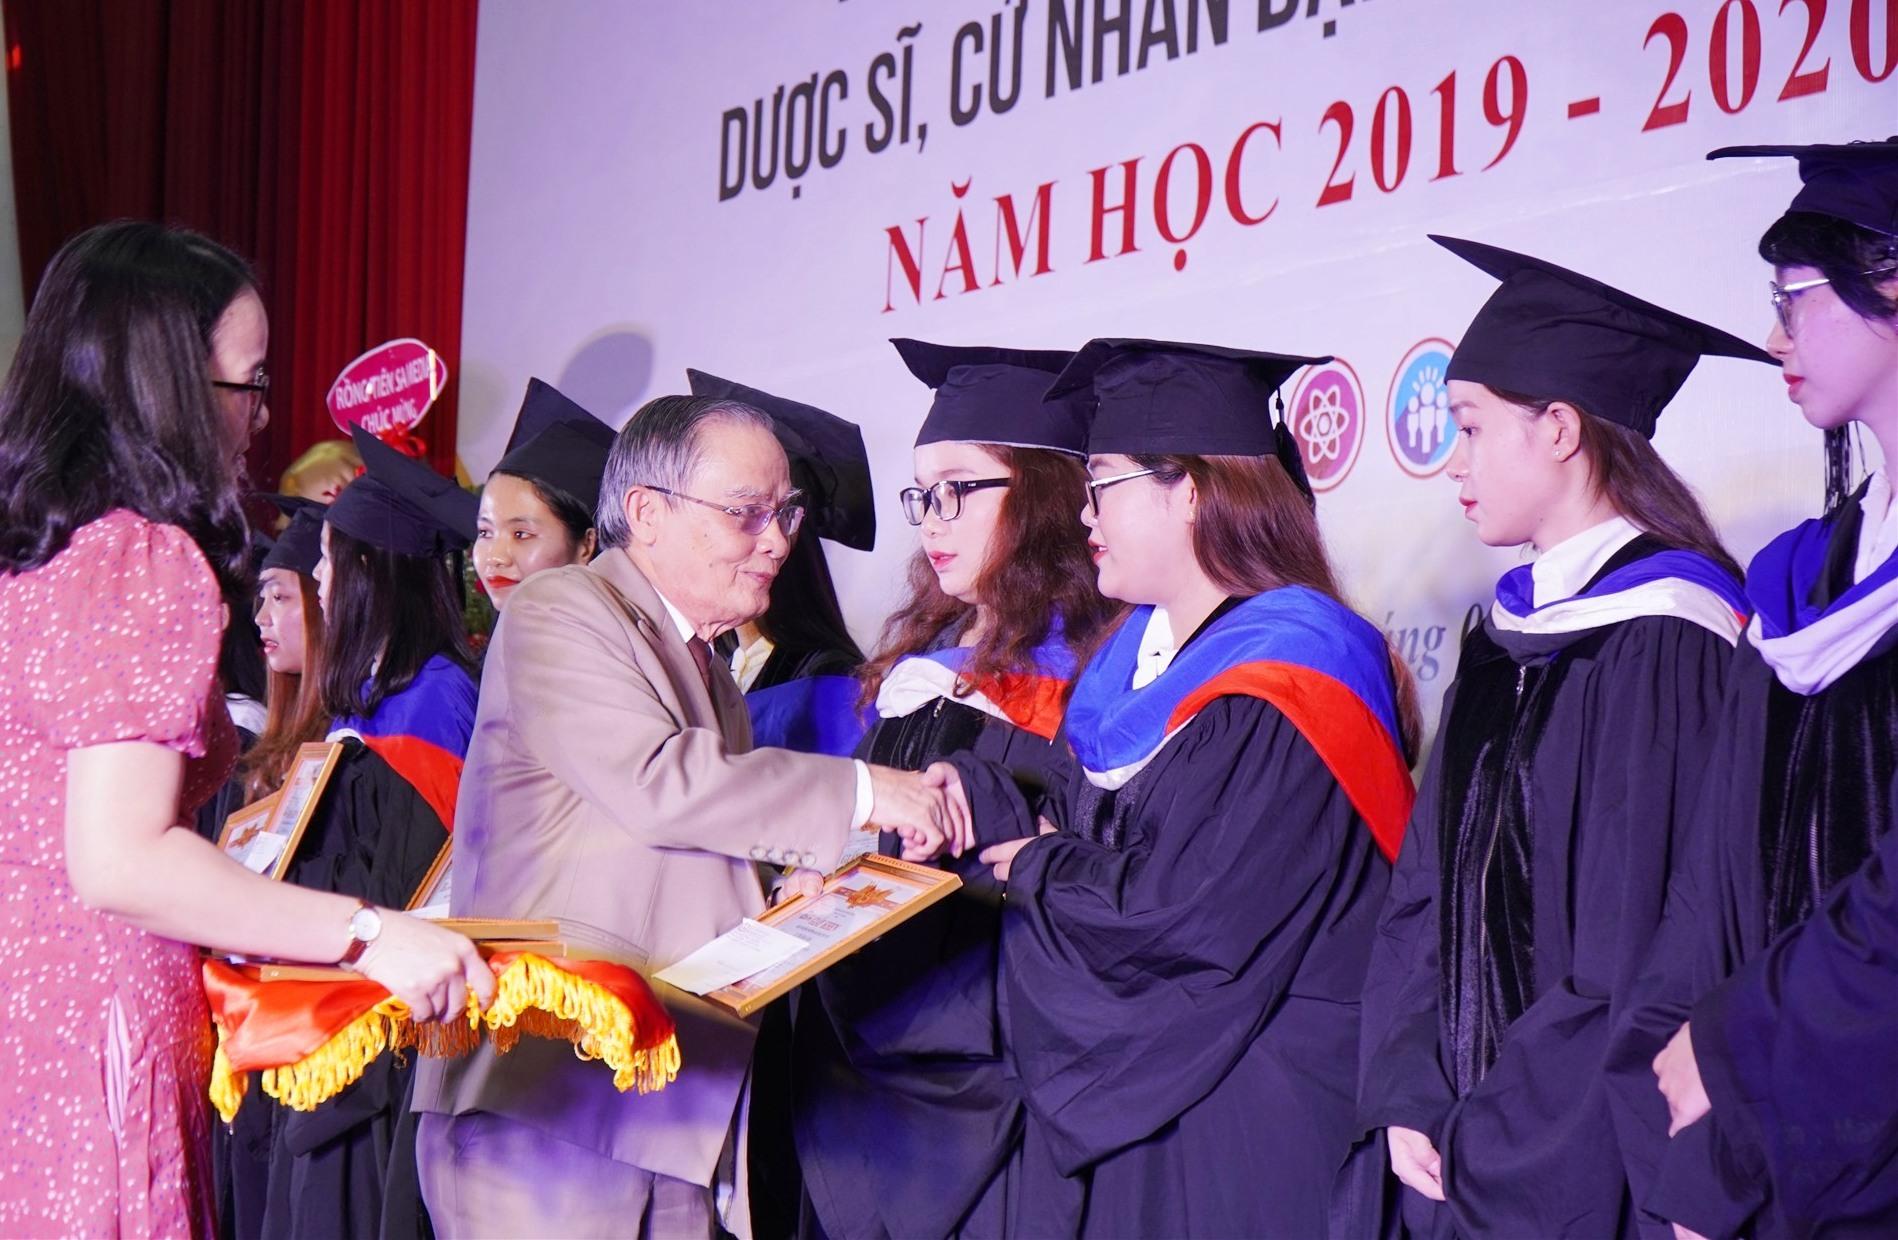 Nhà giáo ưu tú,Anh hùng Lao động Lê Công Cơ -Bí thư Đảng ủy, Chủ tịch Hội đồng DTU trao giấy khen cho cho các thủ khoa tốt nghiệp 2019 -2020.